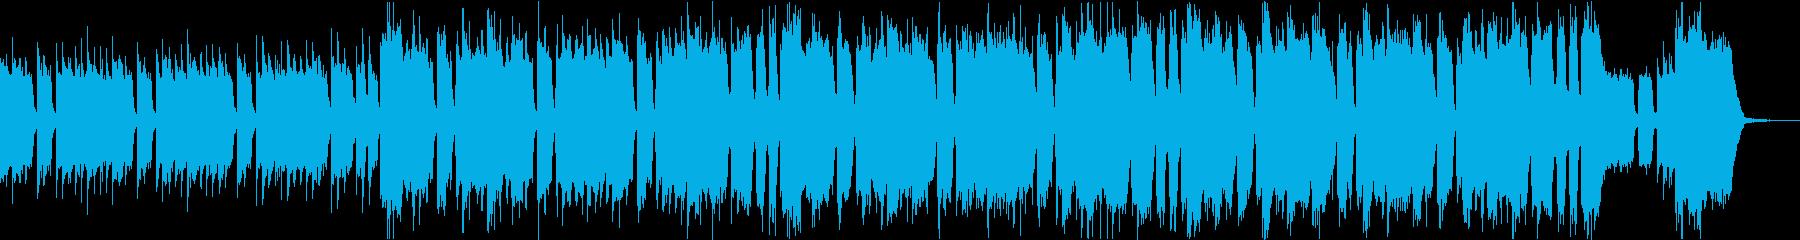 パワフルハイテンションUKロックリフbの再生済みの波形